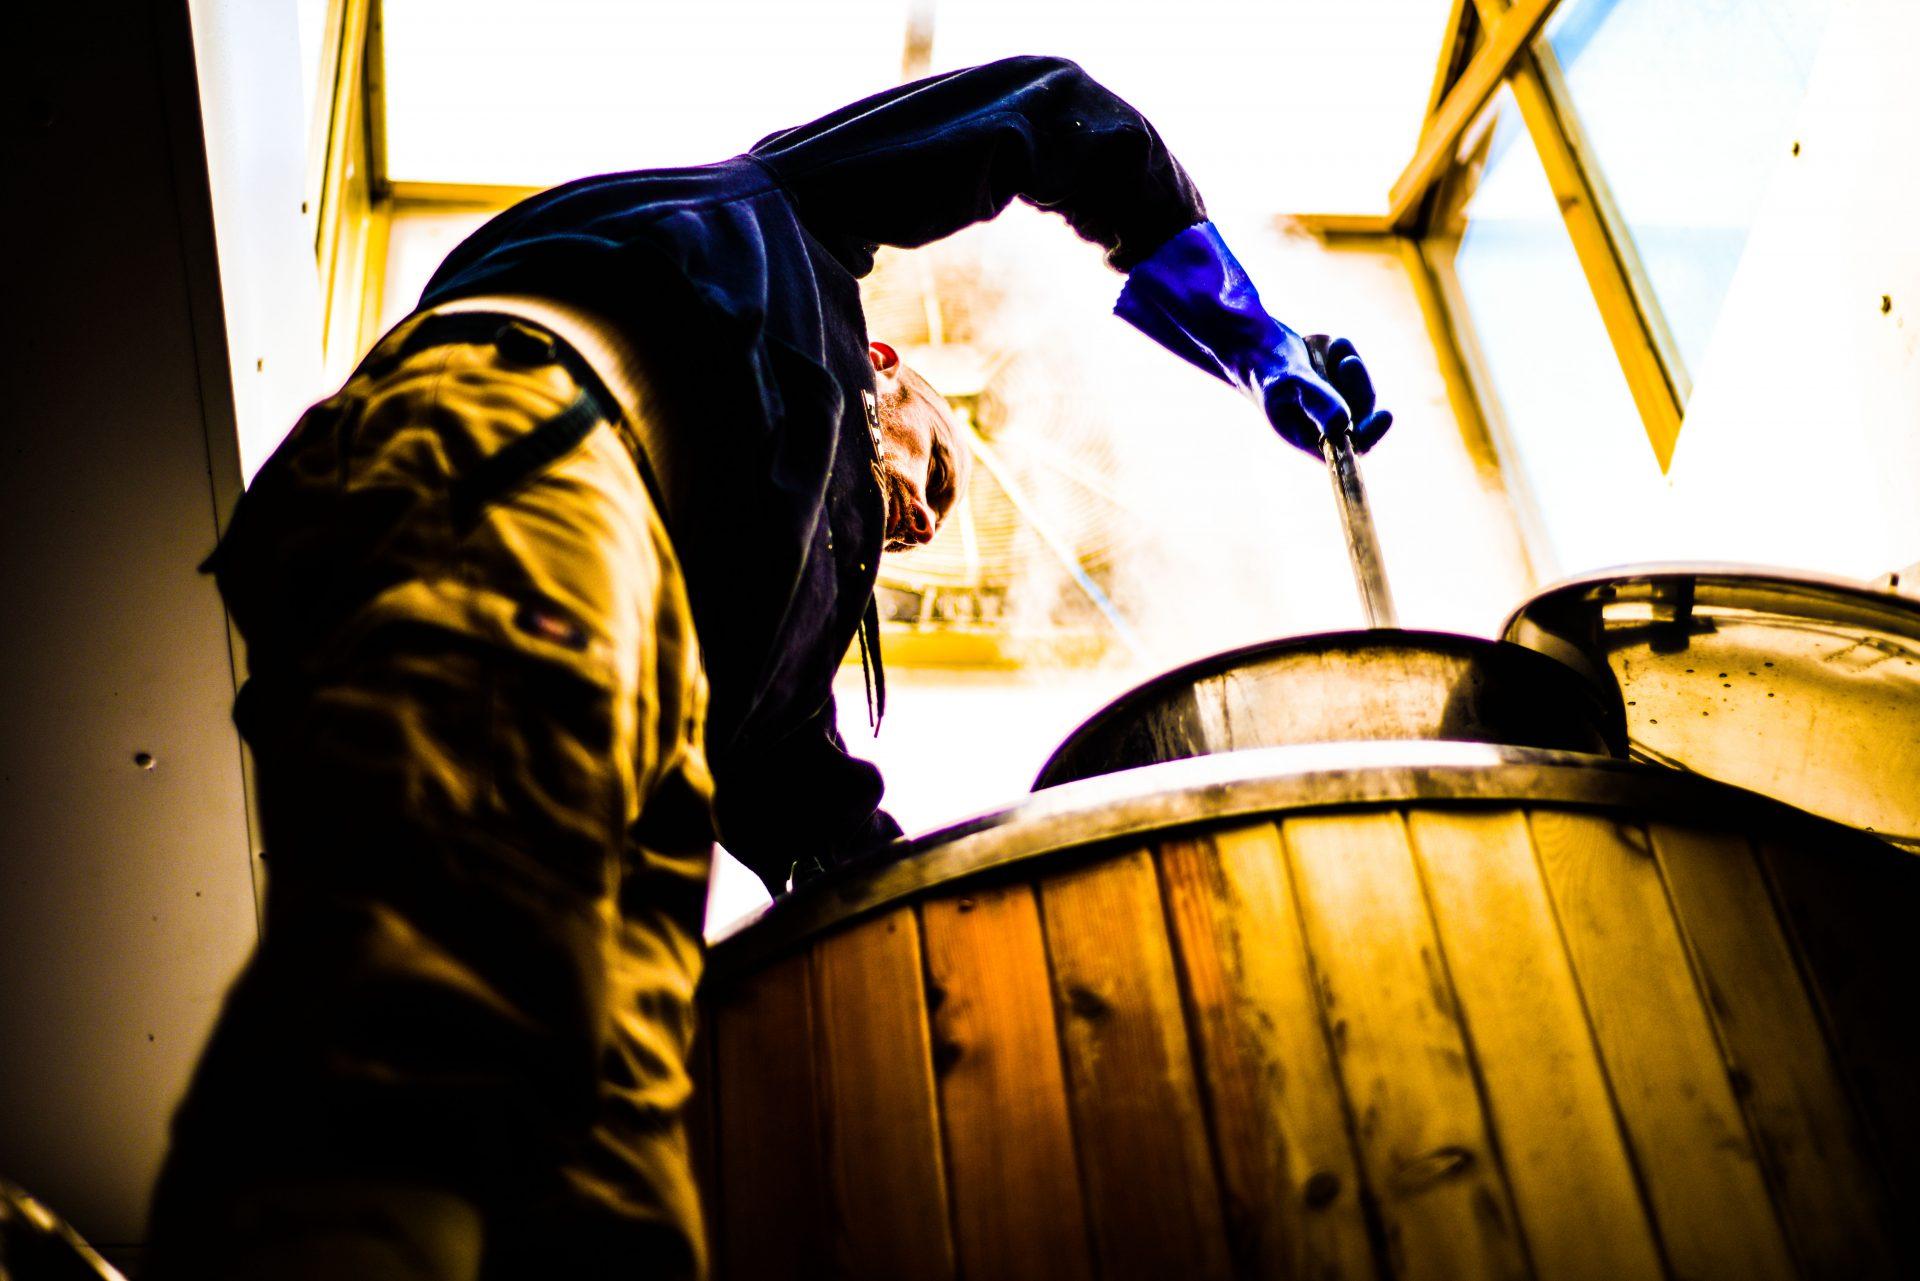 franklins brewery brewer stiring mashtun